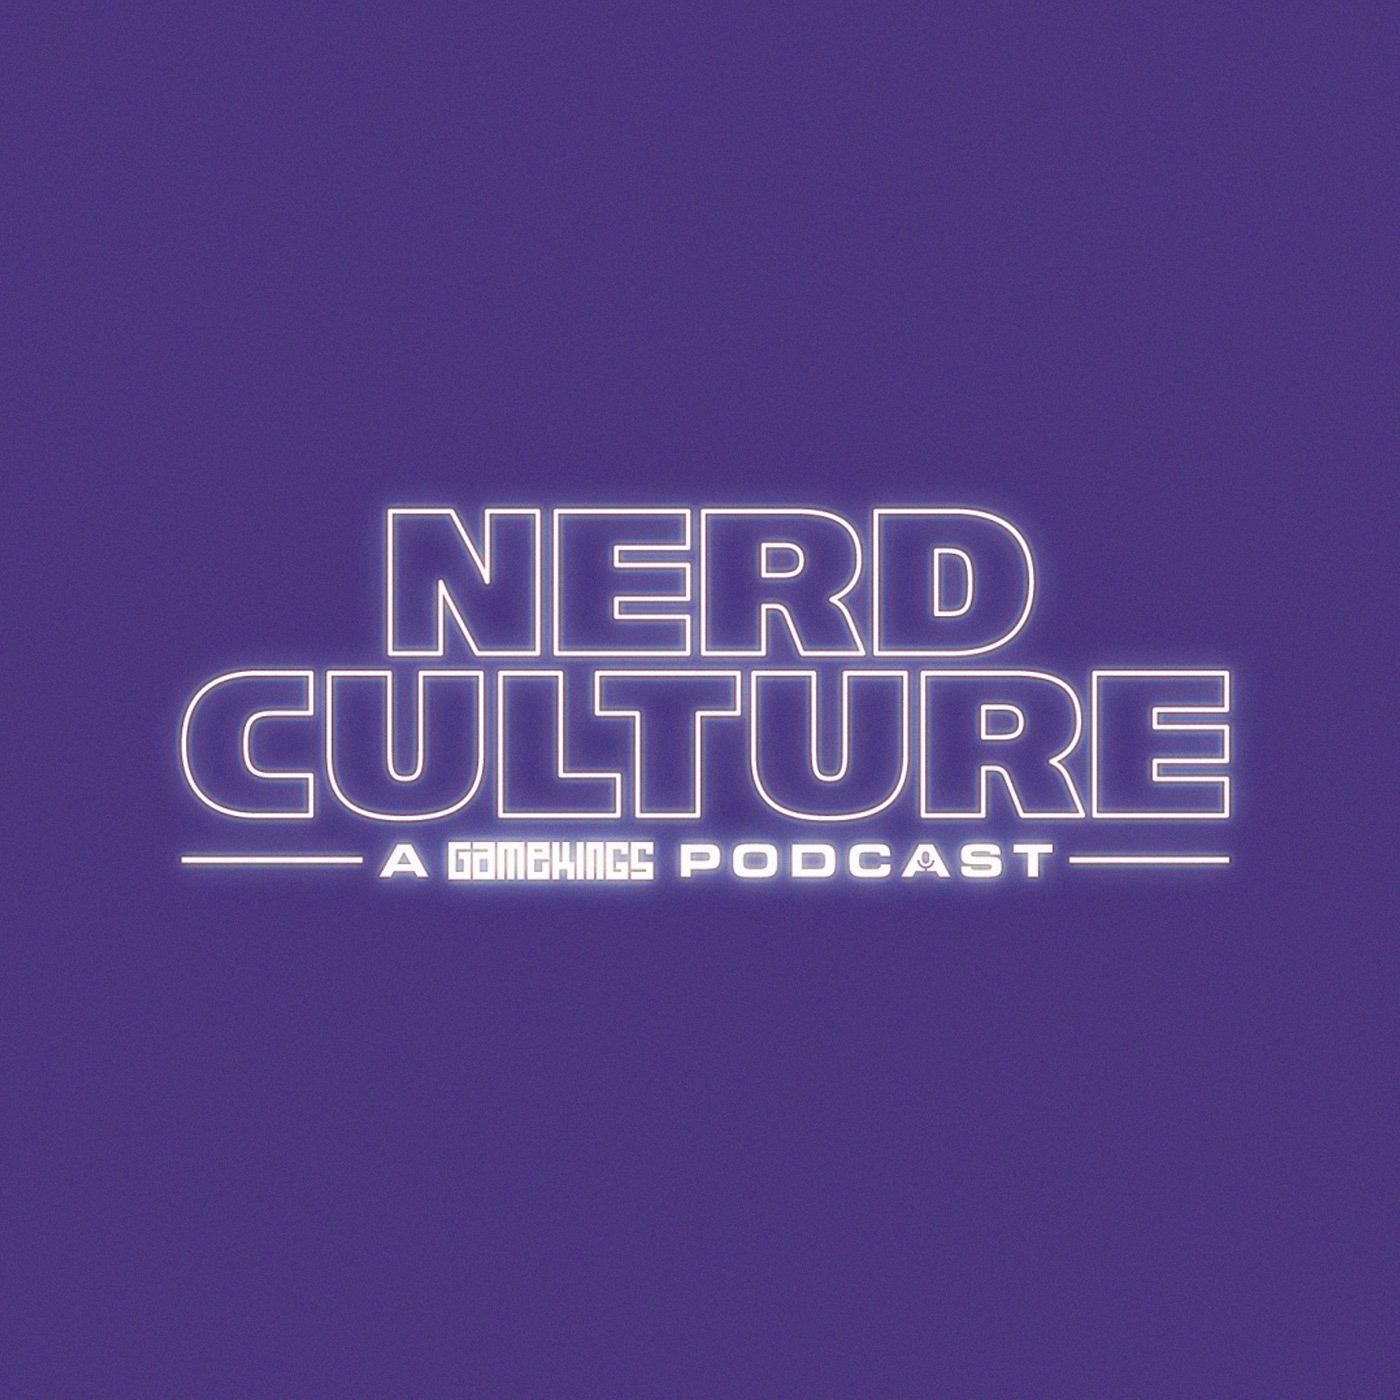 Nerd Culture - A Gamekings Podcast logo